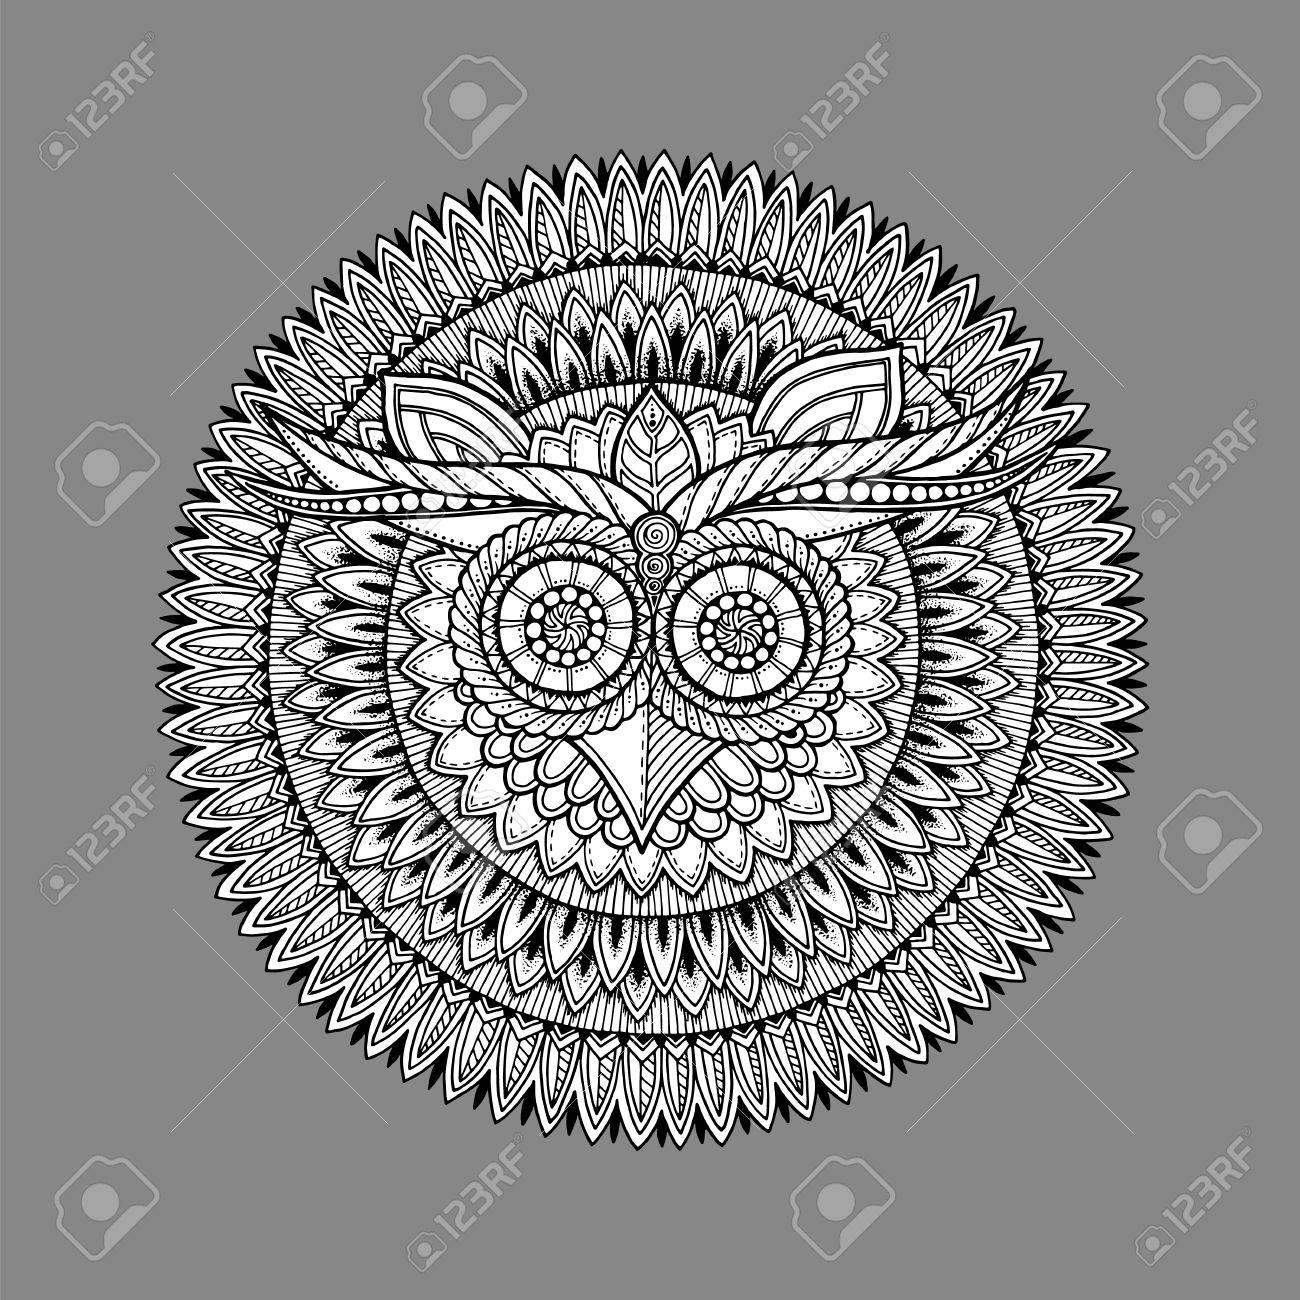 Buho Tatuaje Mandala mandala tema de las aves. mandala blanco buho con el modelo abstracto  ornamento azteca étnico sobre fondo gris. bandera búho. tatuaje del búho.